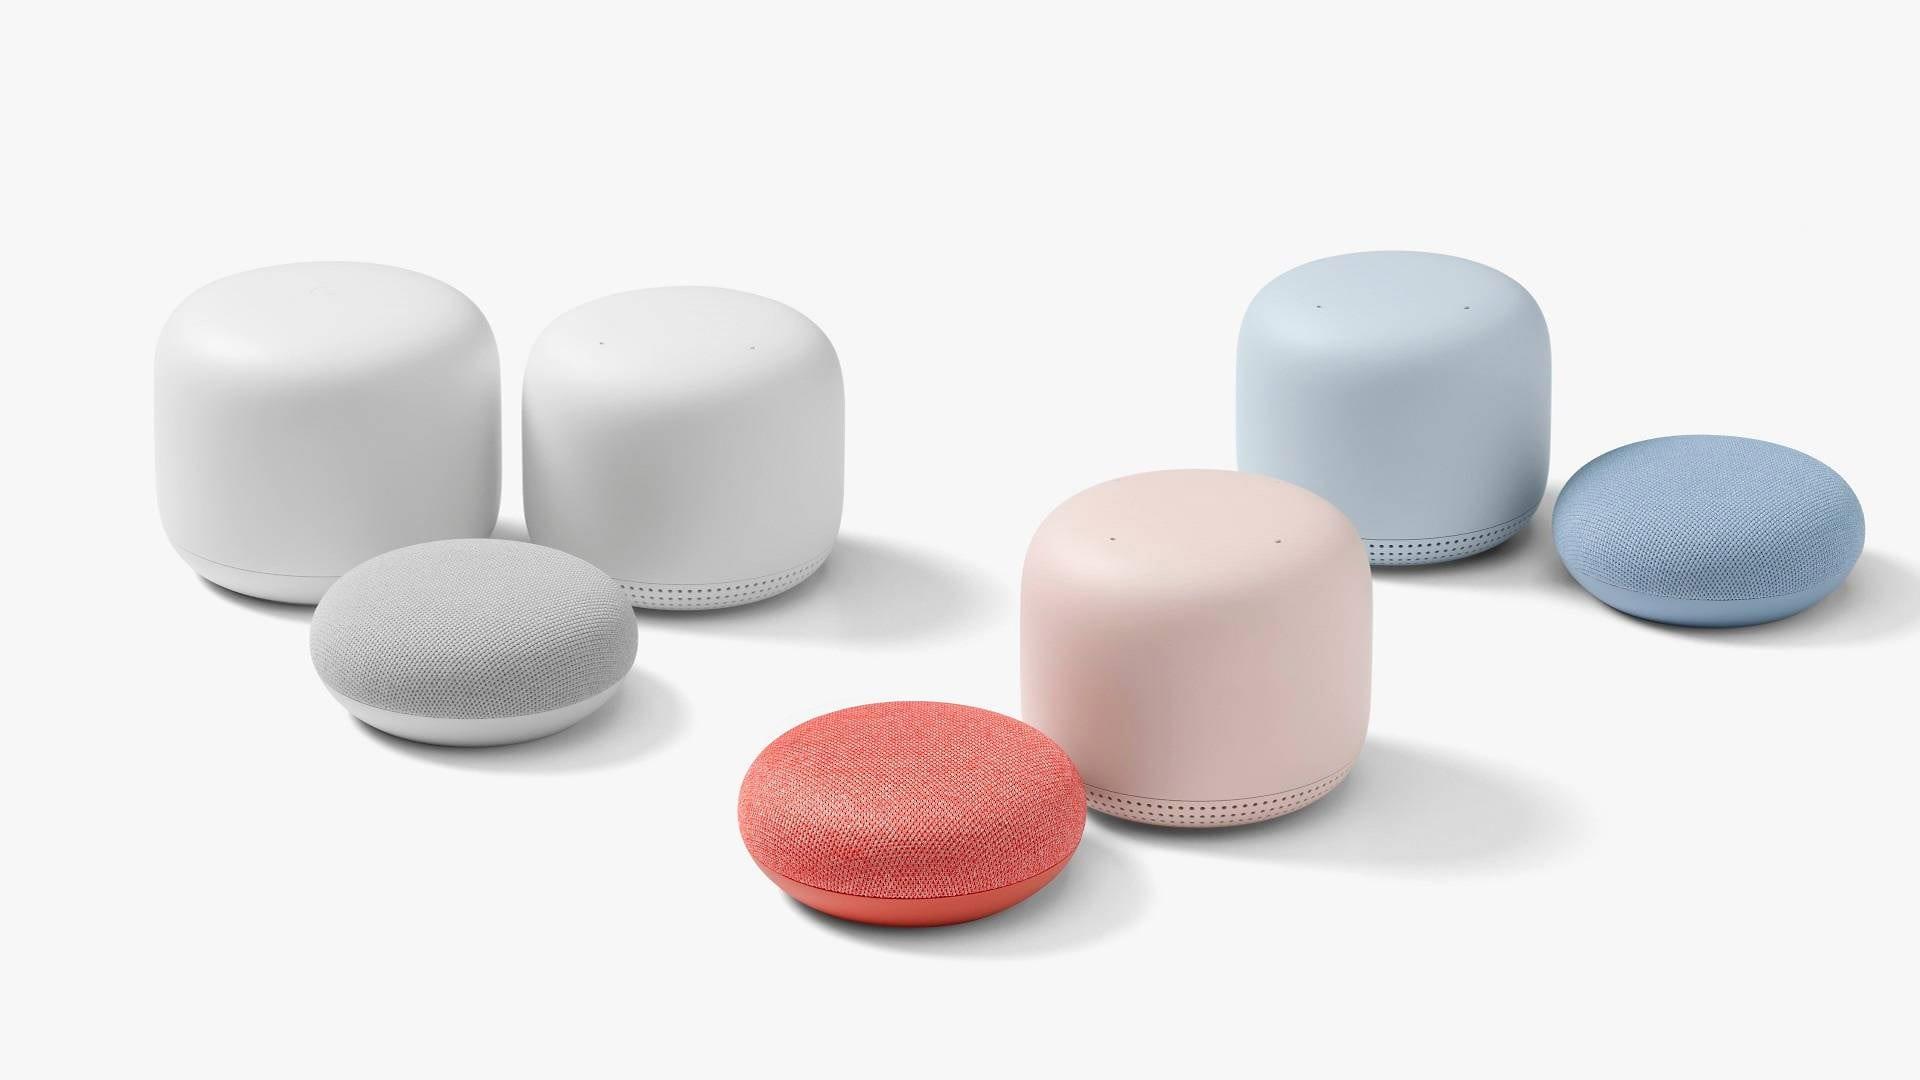 شركة Google تعلن رسمياً عن مكبرات الصوت الذكية Nest Mini و Nest WiFi